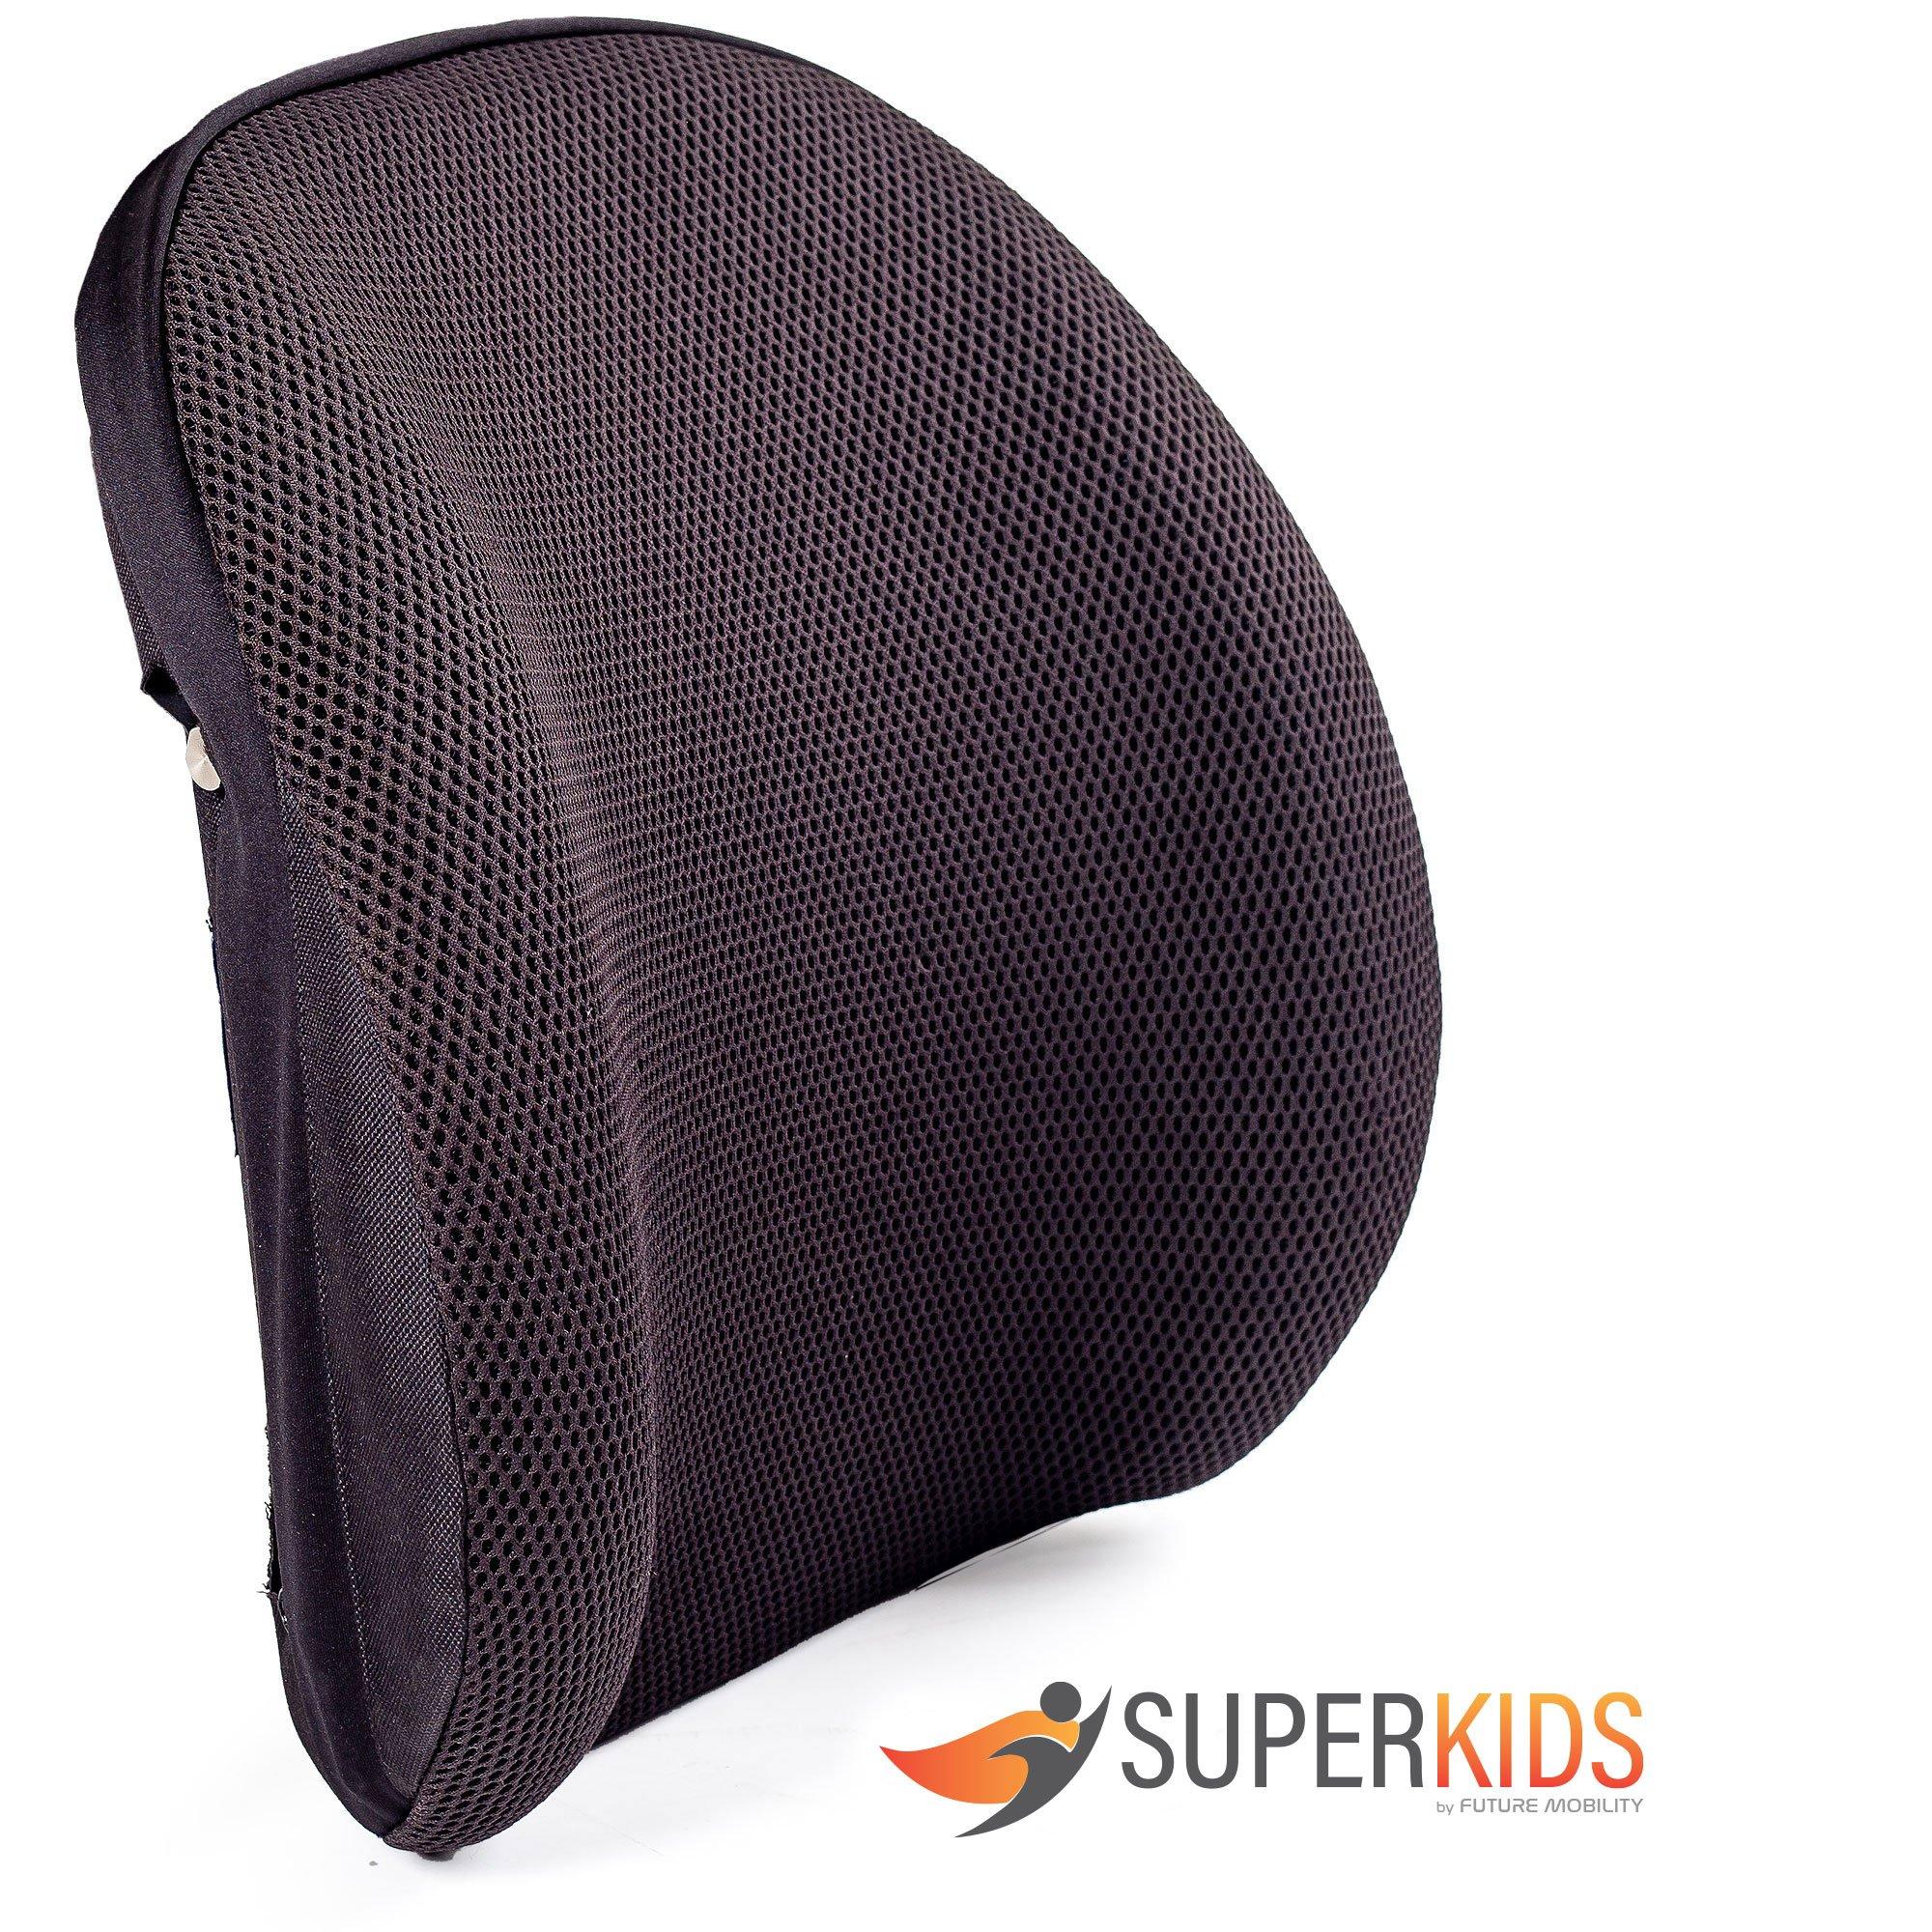 superkids backrest